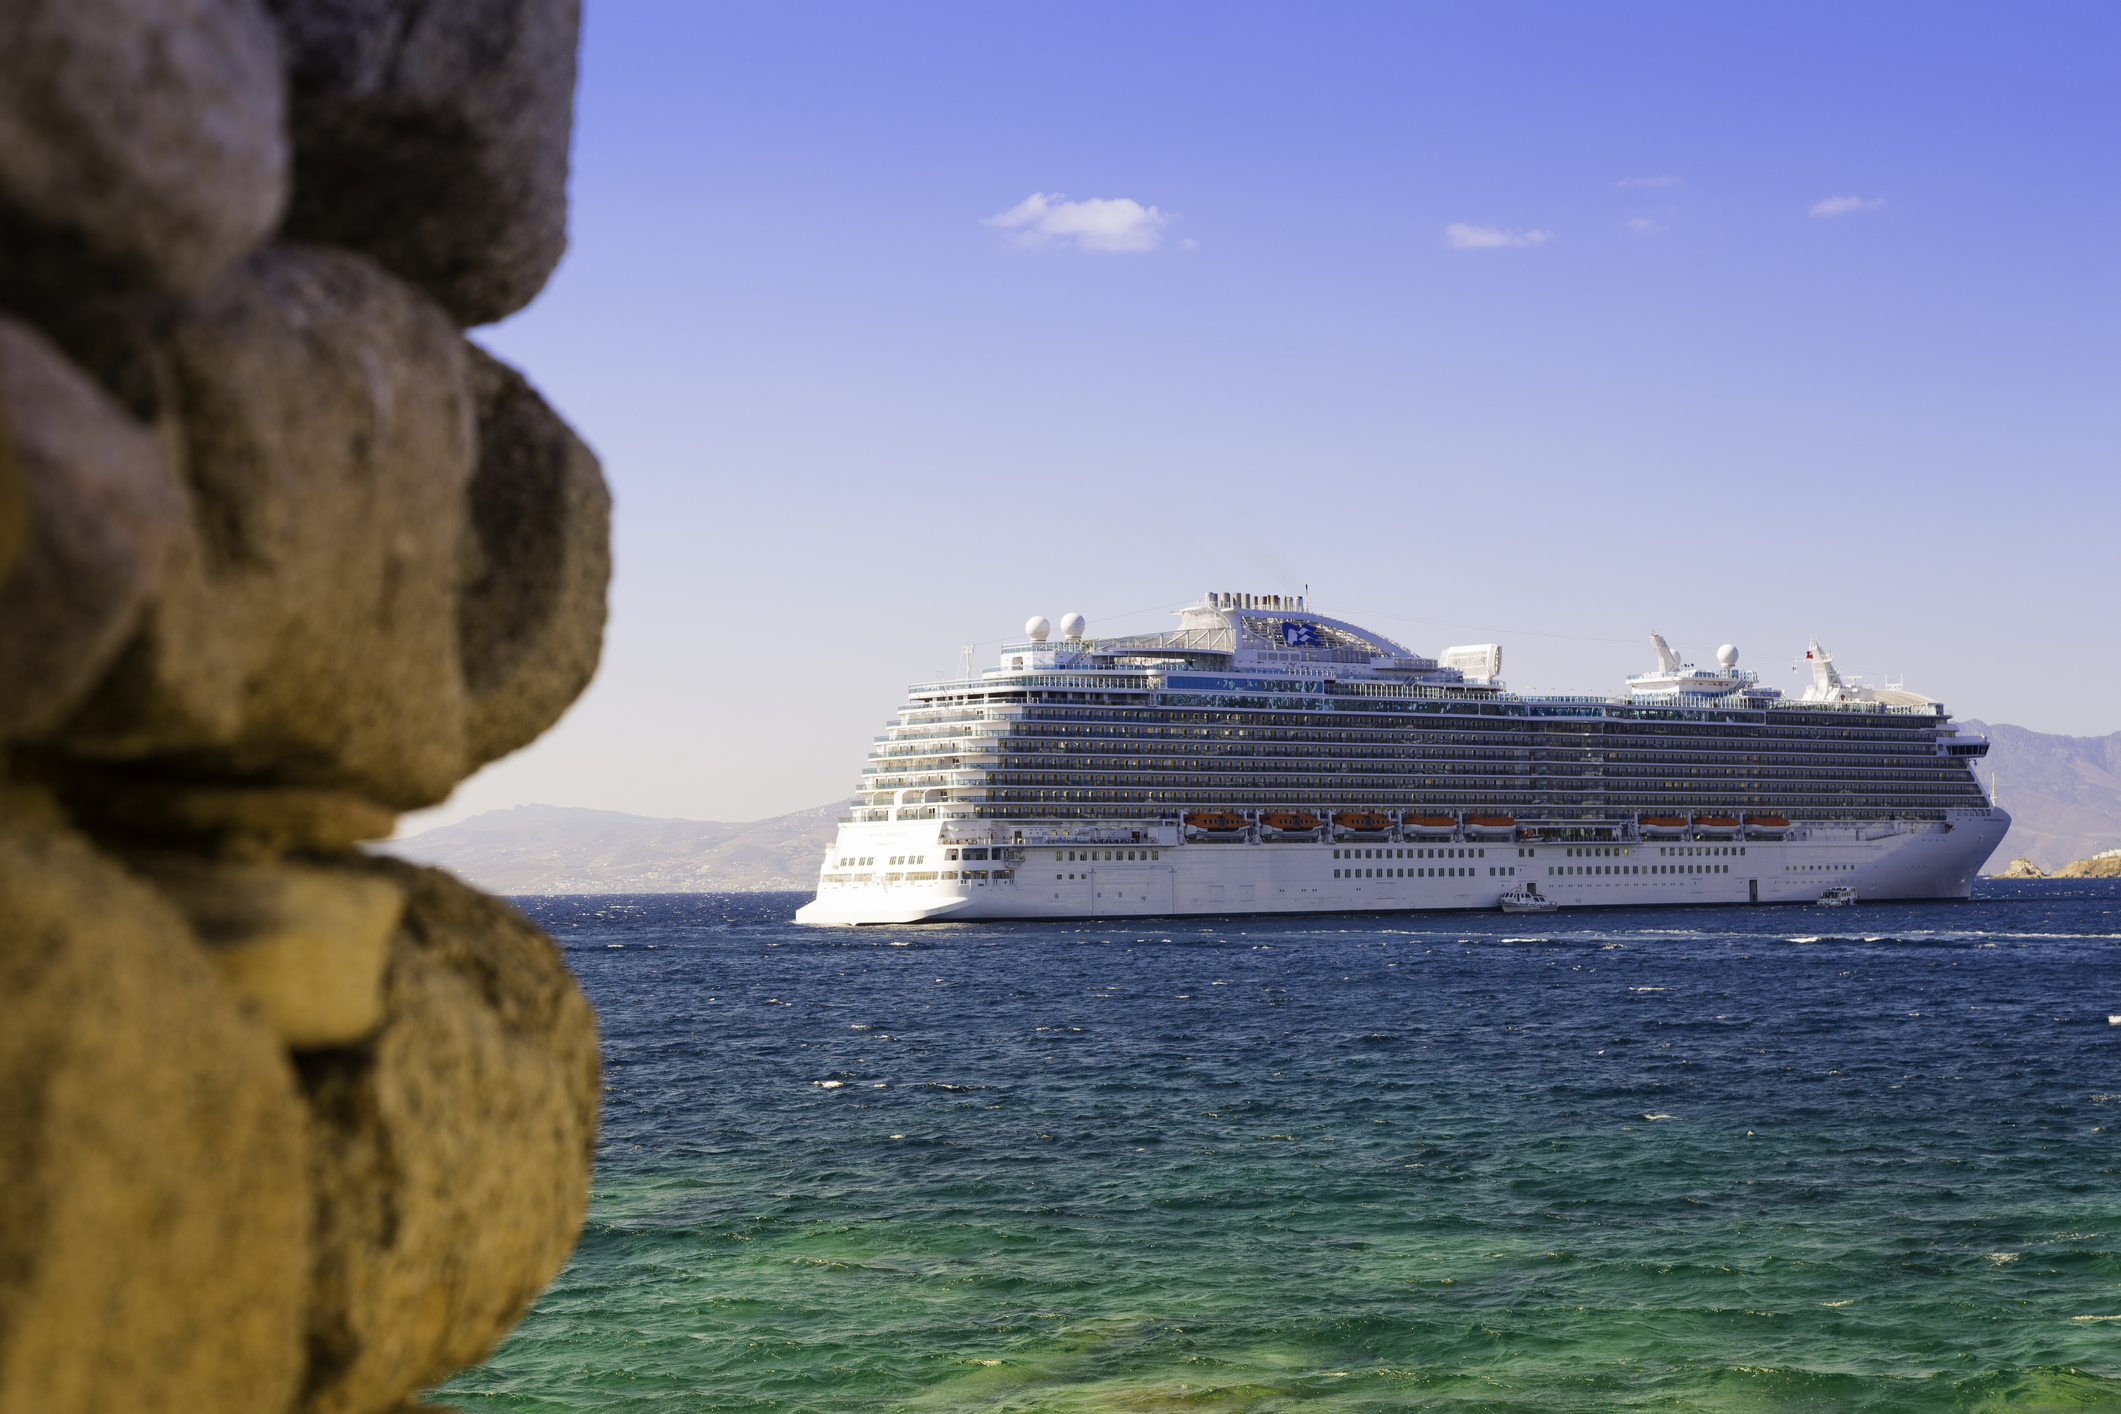 Cruise-ship-near-Mykonos---Greece-518880033_2122x1415.jpeg